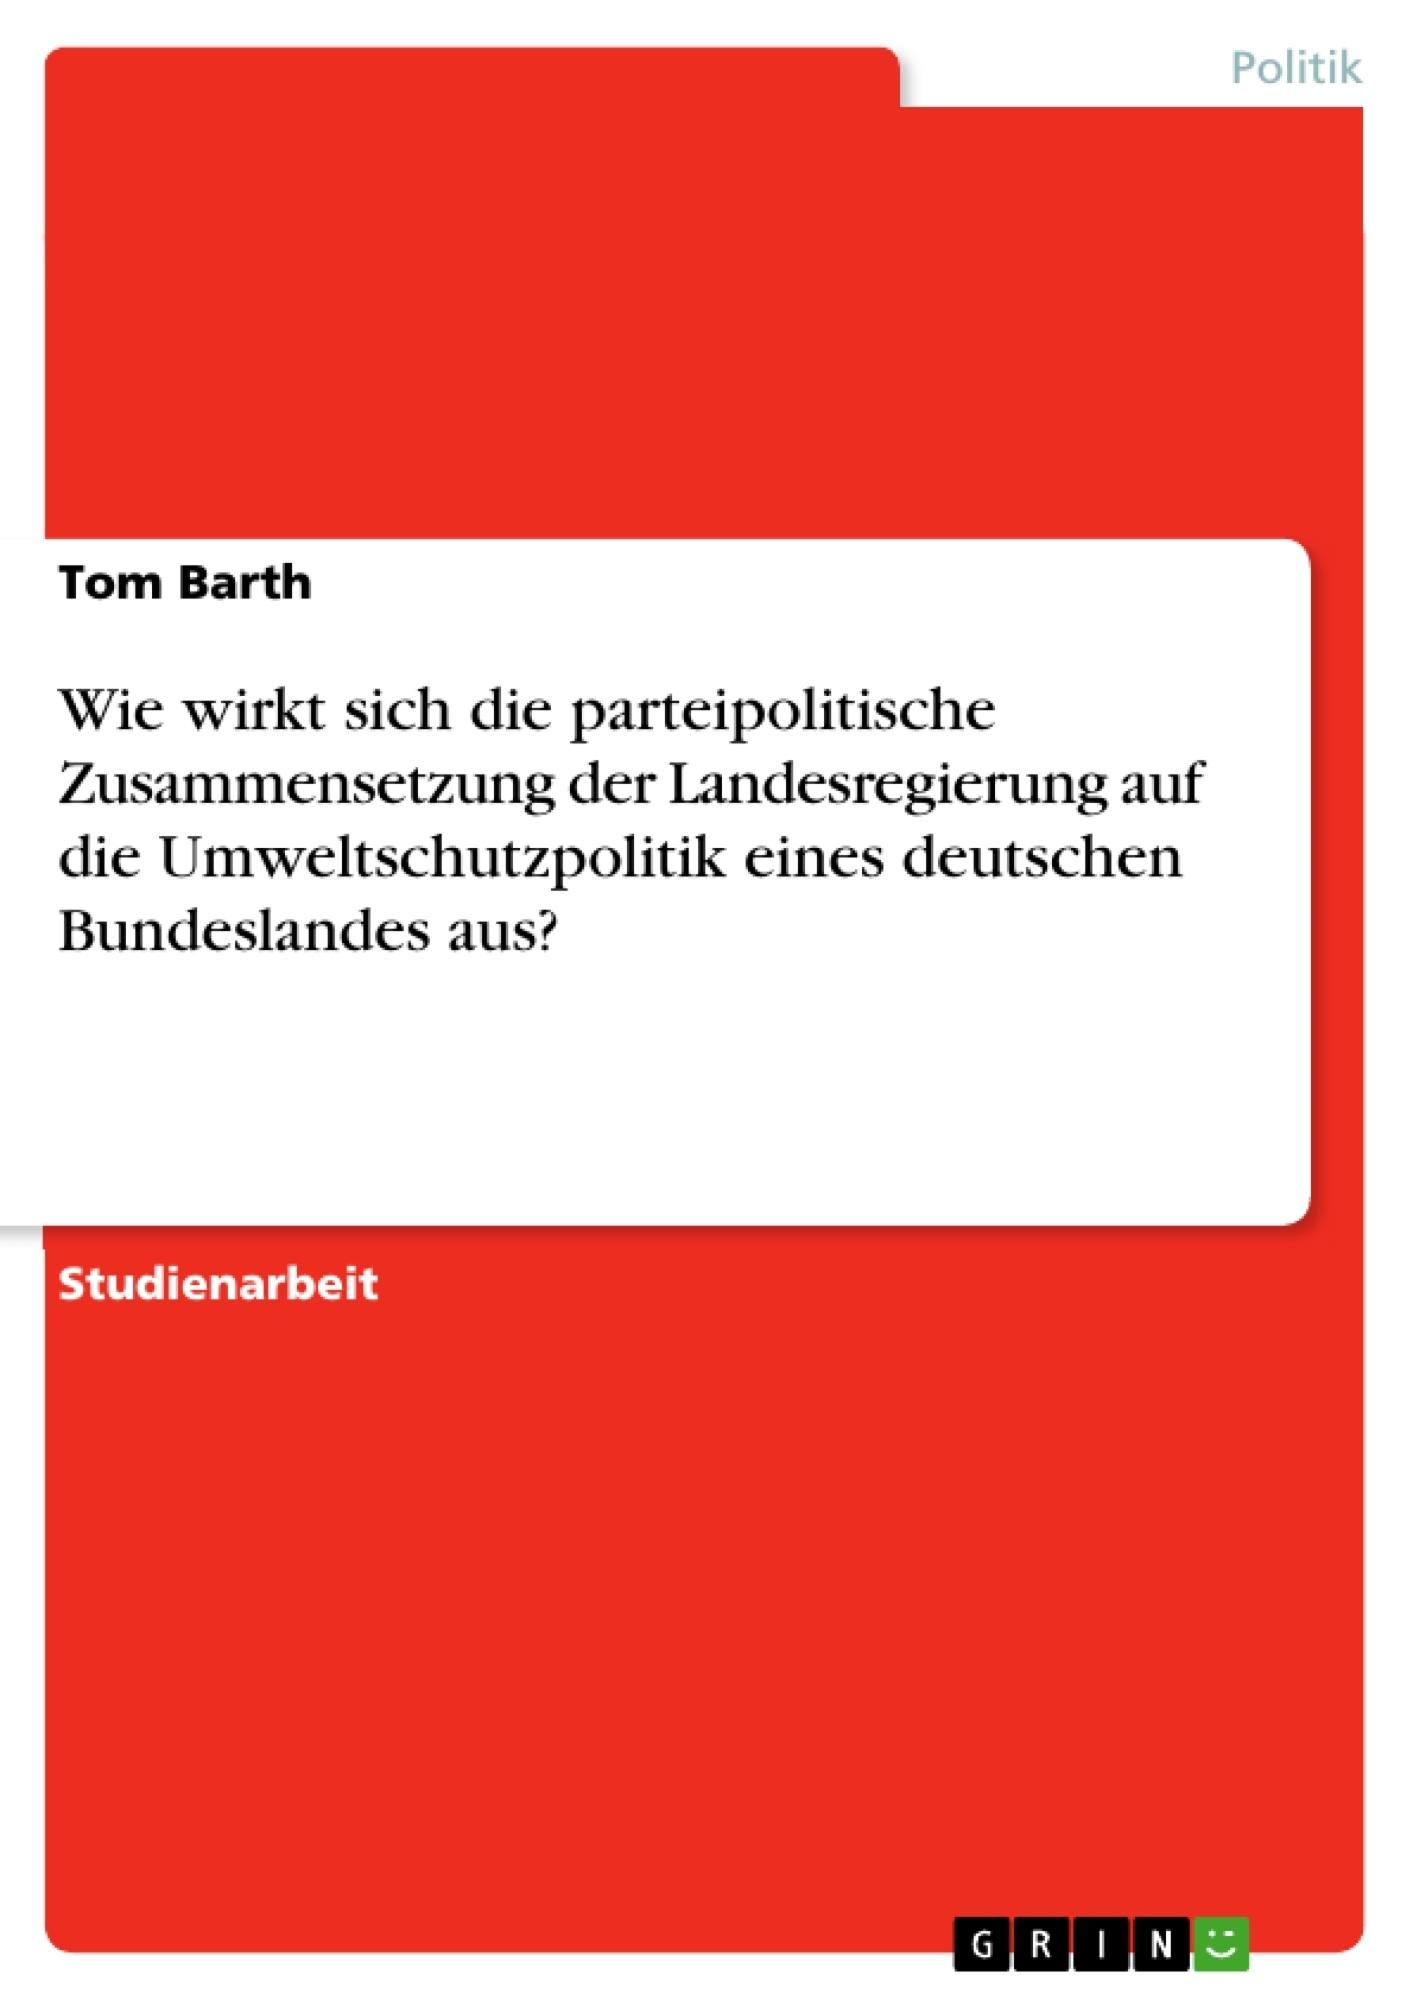 Titel: Wie wirkt sich die parteipolitische Zusammensetzung der Landesregierung auf die Umweltschutzpolitik eines deutschen Bundeslandes aus?